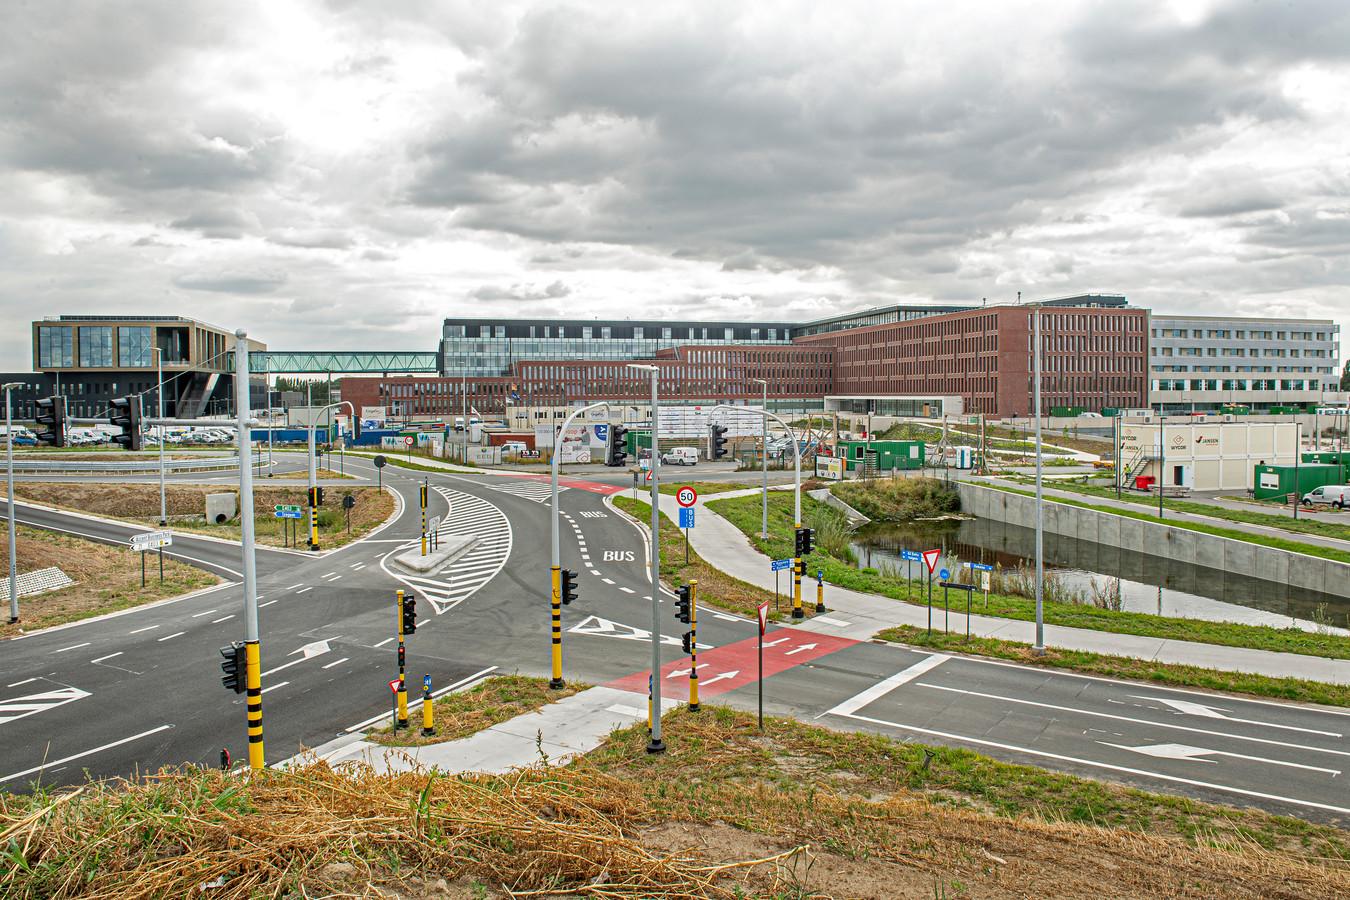 Het nieuwe ziekenhuis staat op een terrein van 23 hectare, goed voor 120.000 vierkante meter bebouwde oppervlakte.